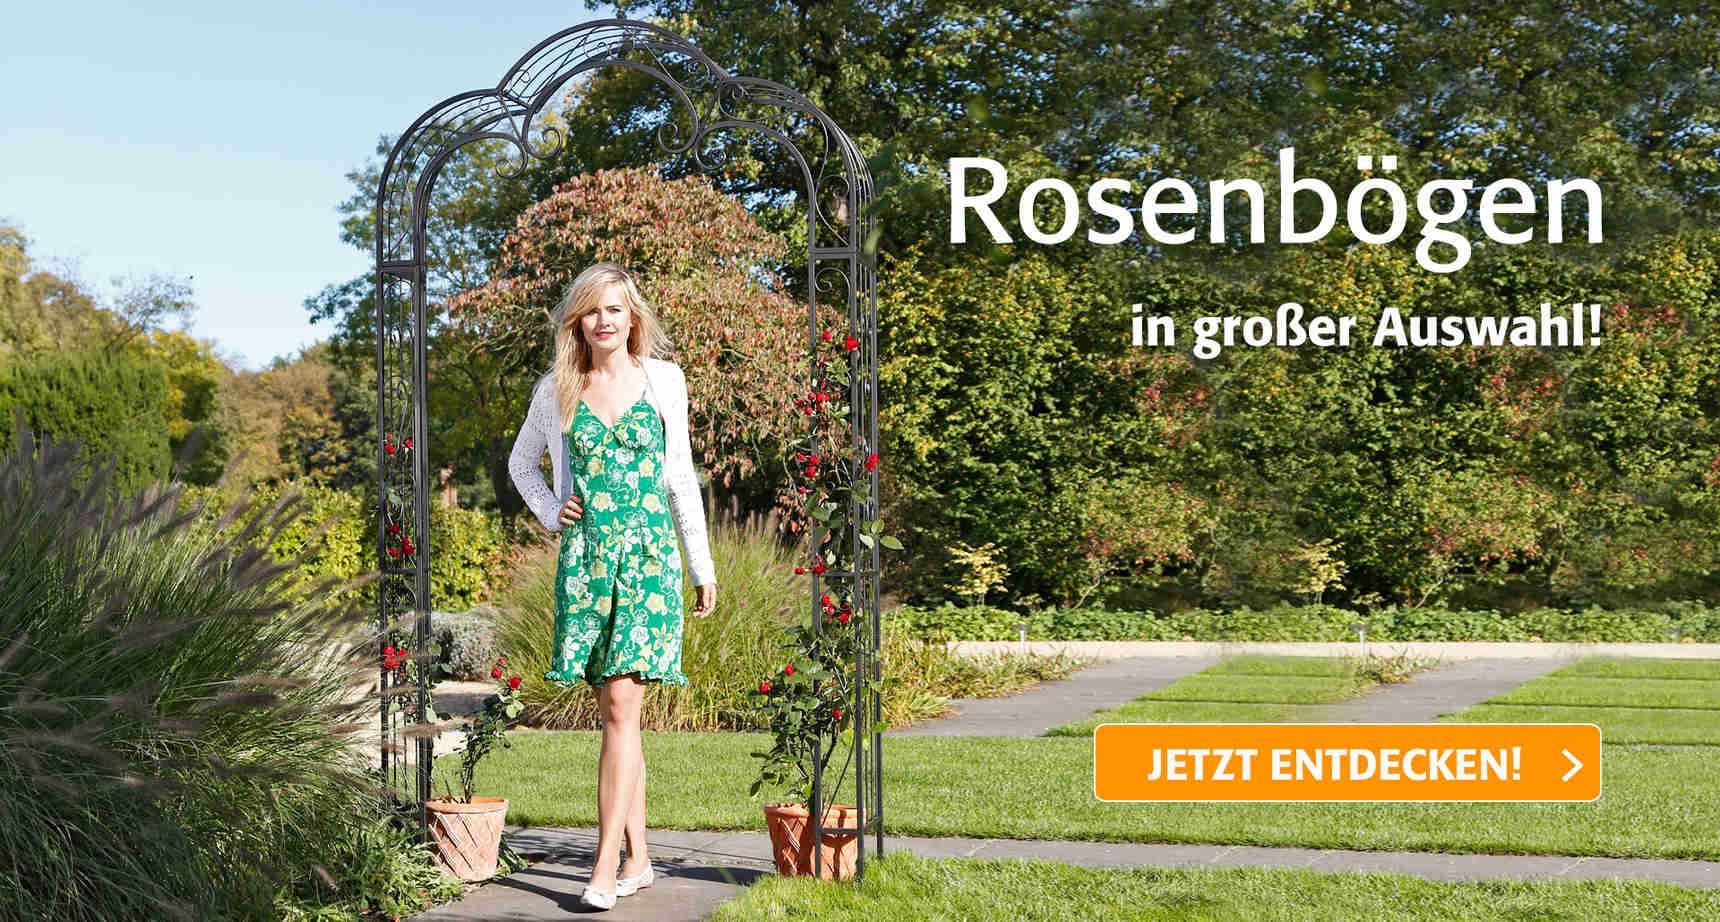 +++ (3) Rosenbögen +++ - 3